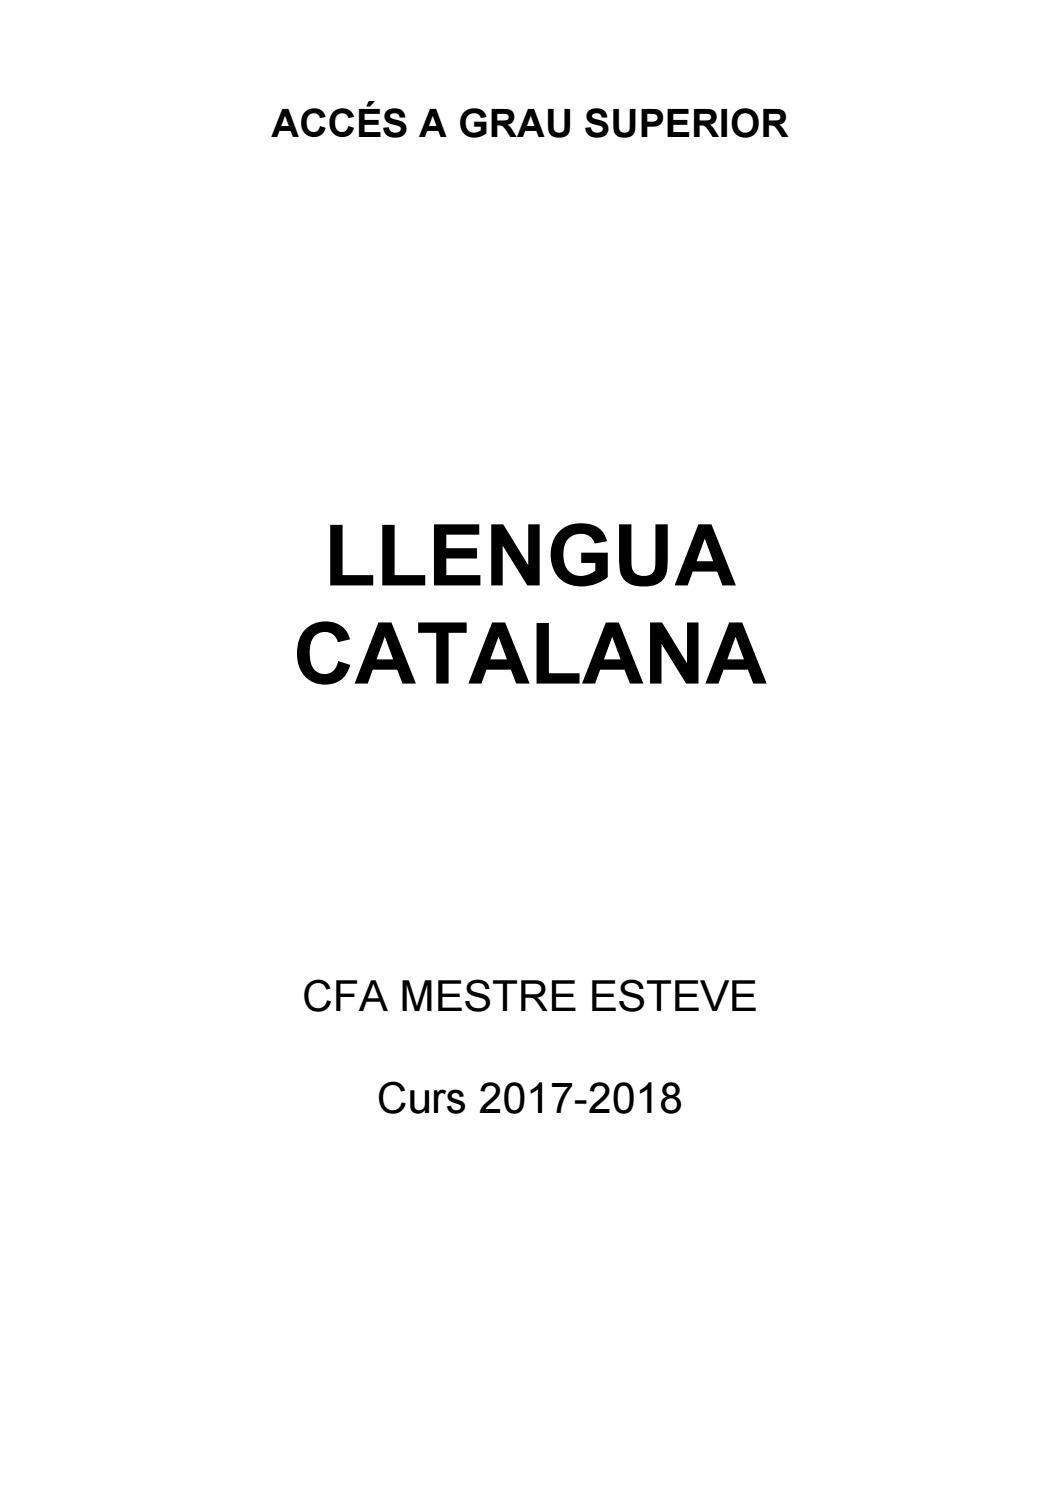 Dossier català Accès a Grau Superior 17-18 by Centre de Formació d'Adults  Mestre Esteve - issuu